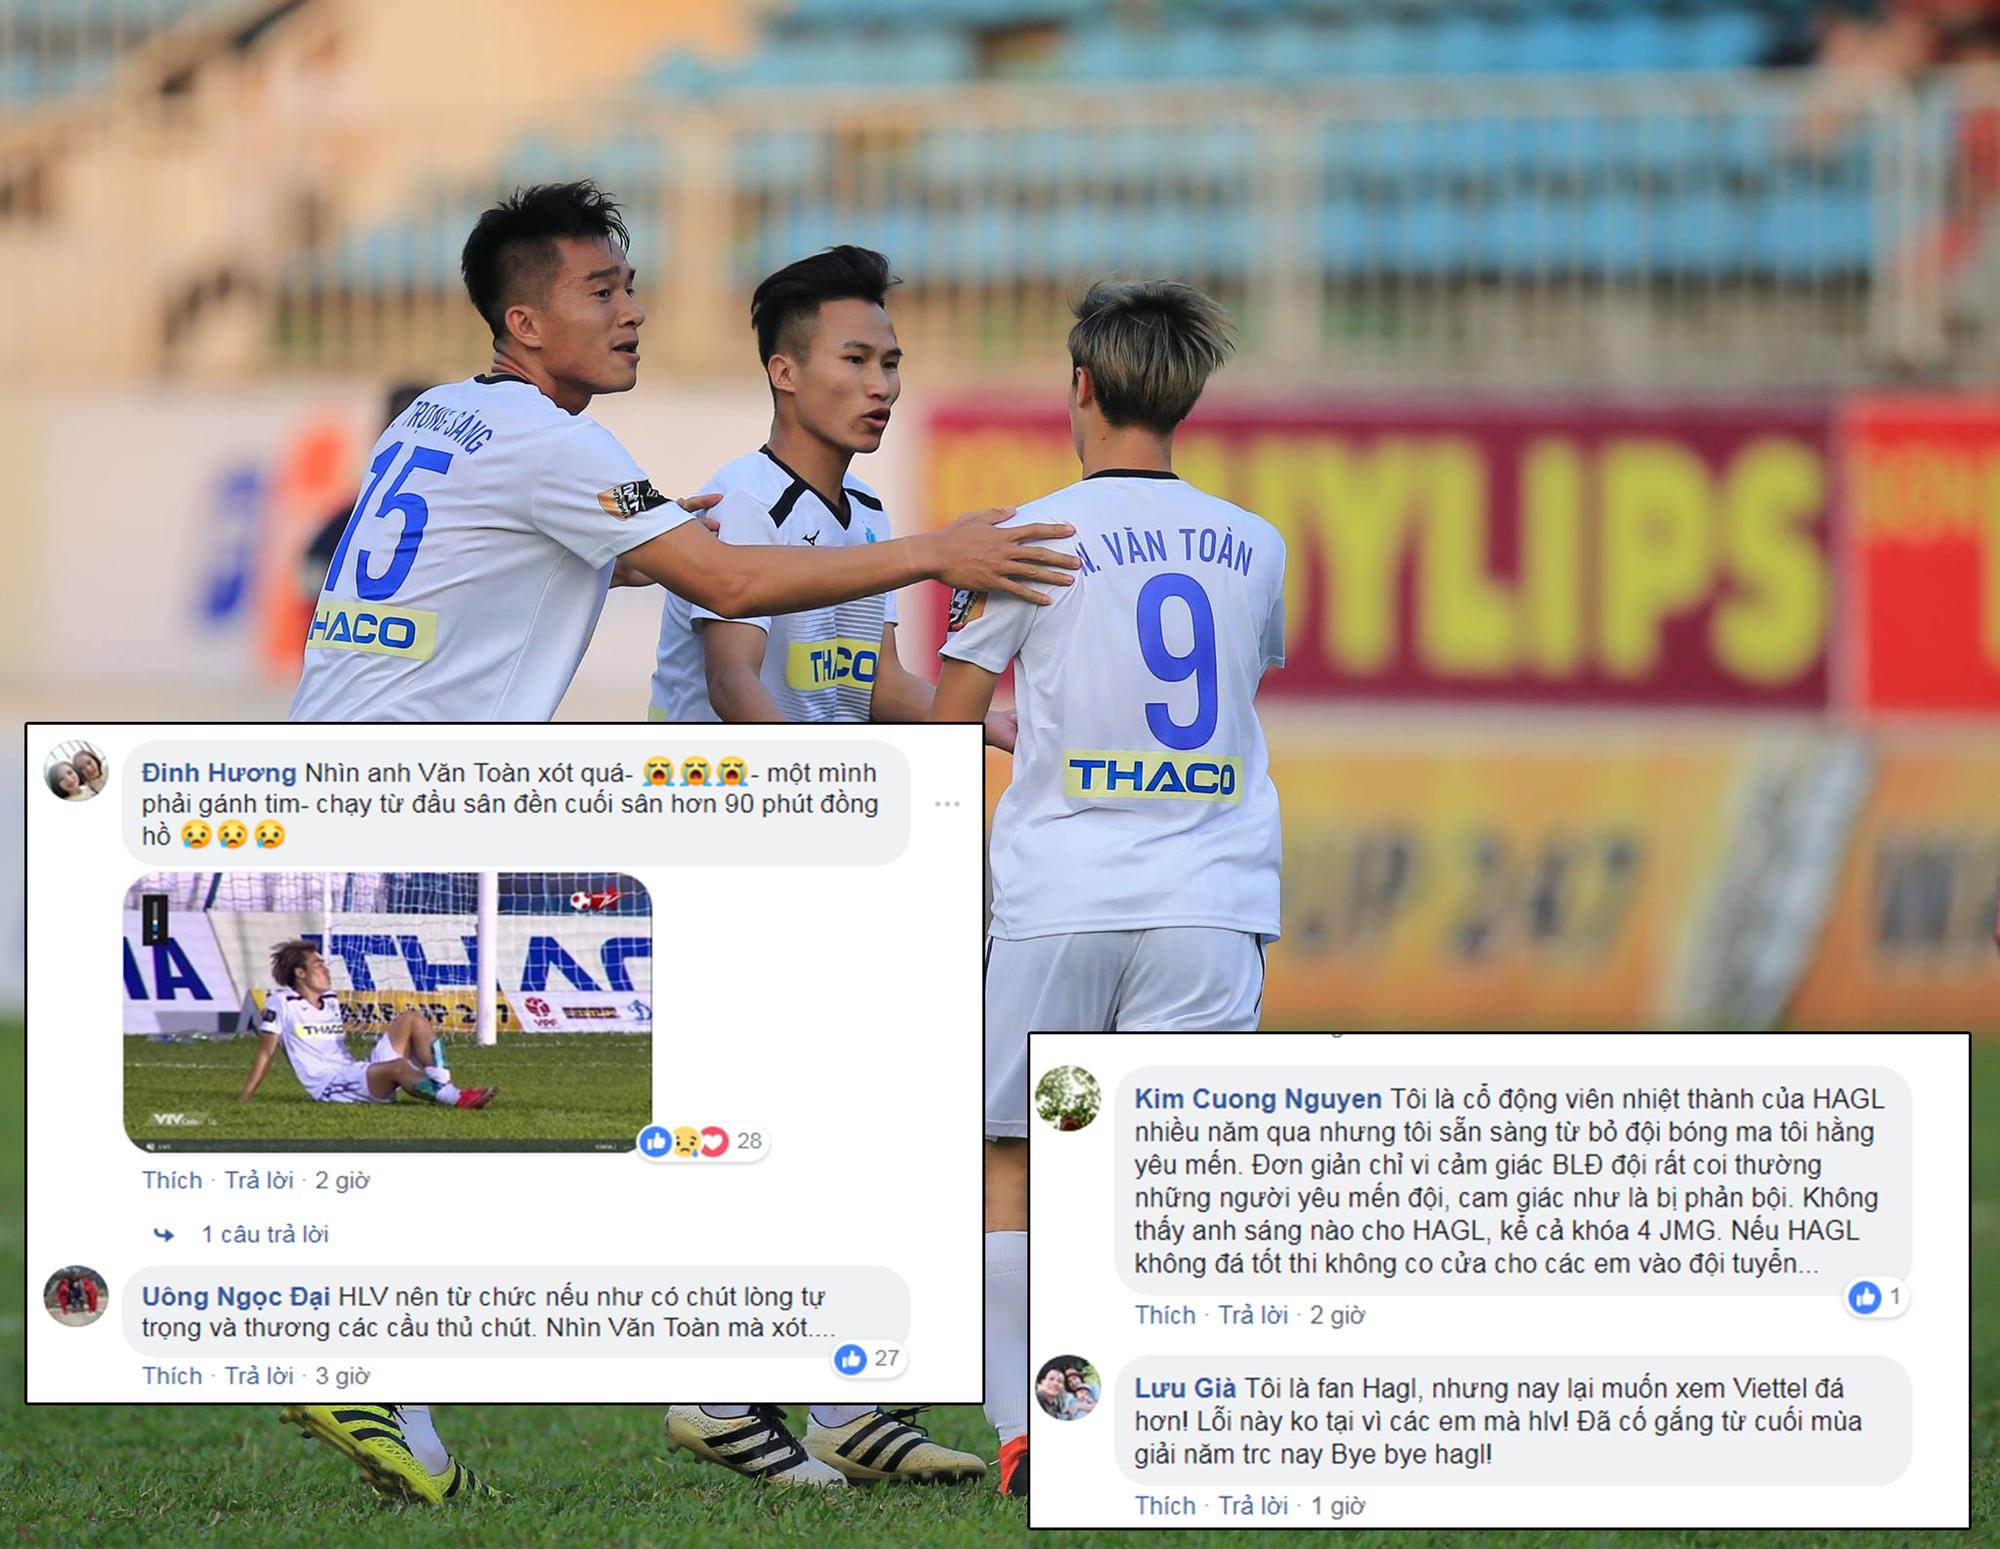 Xót xa cho Văn Toàn, fan đồng loạt tấn công fanpage HAGL kêu gọi HLV Dương Minh Ninh từ chức - Ảnh 2.